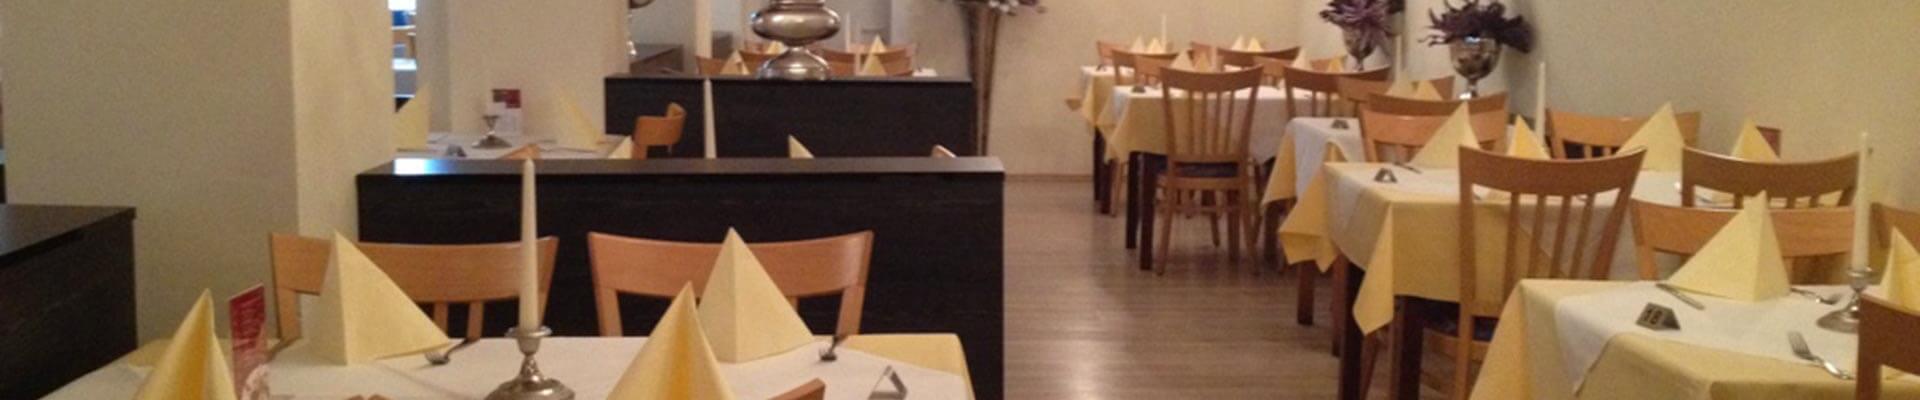 Haus Bovert Restaurant